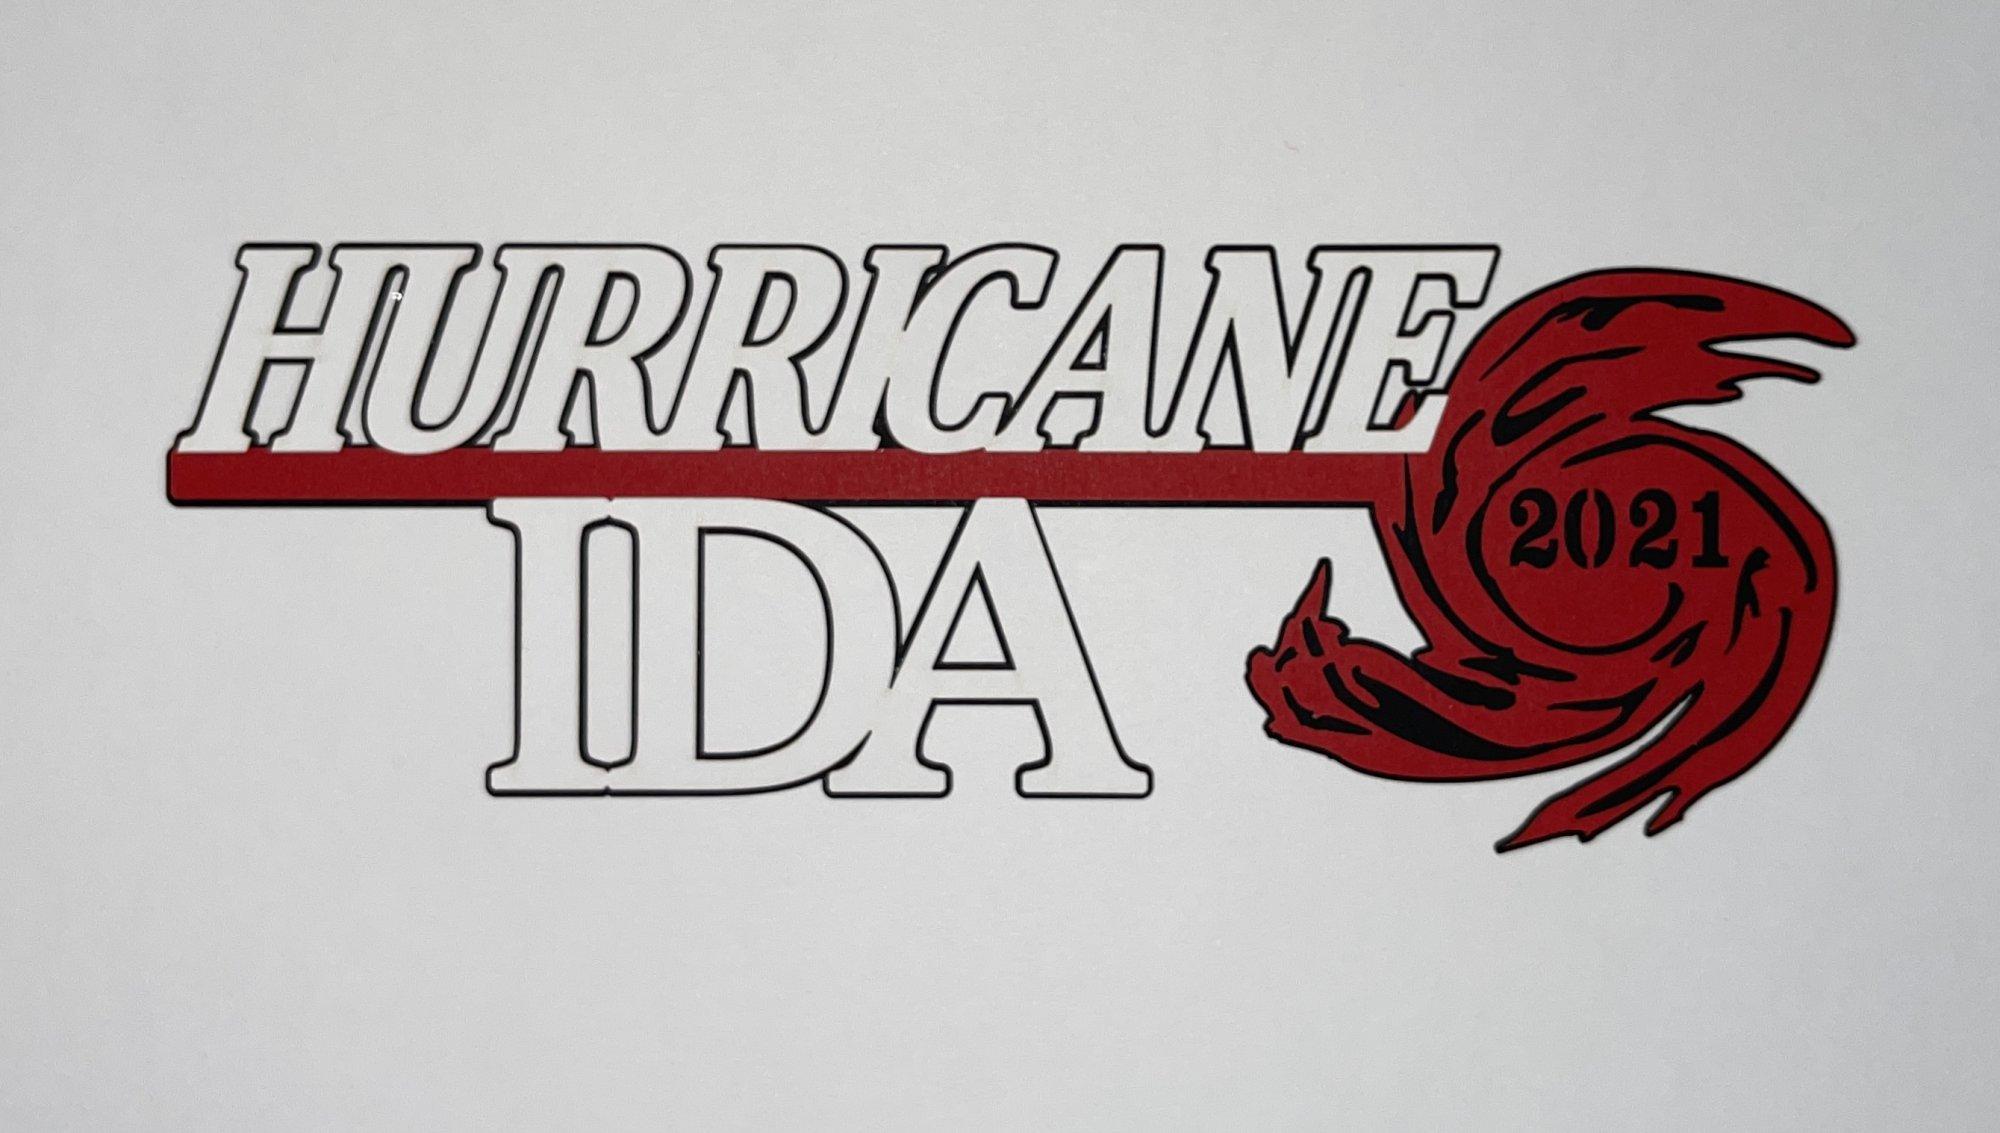 Hurricane Ida Title